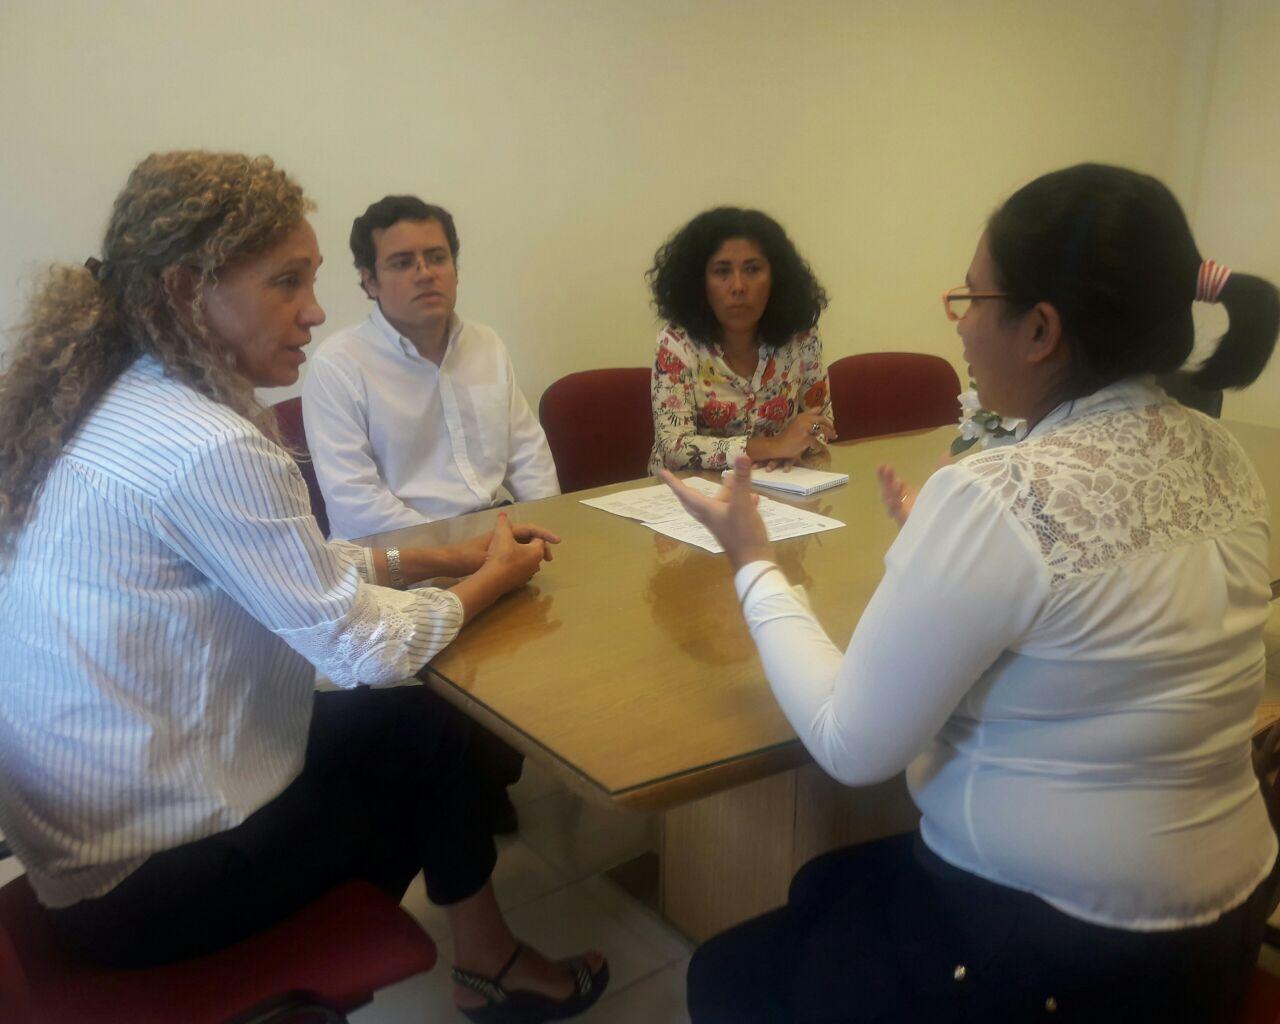 El COPNAF trabajará en forma articulada con los centros de atención primaria de la Salud